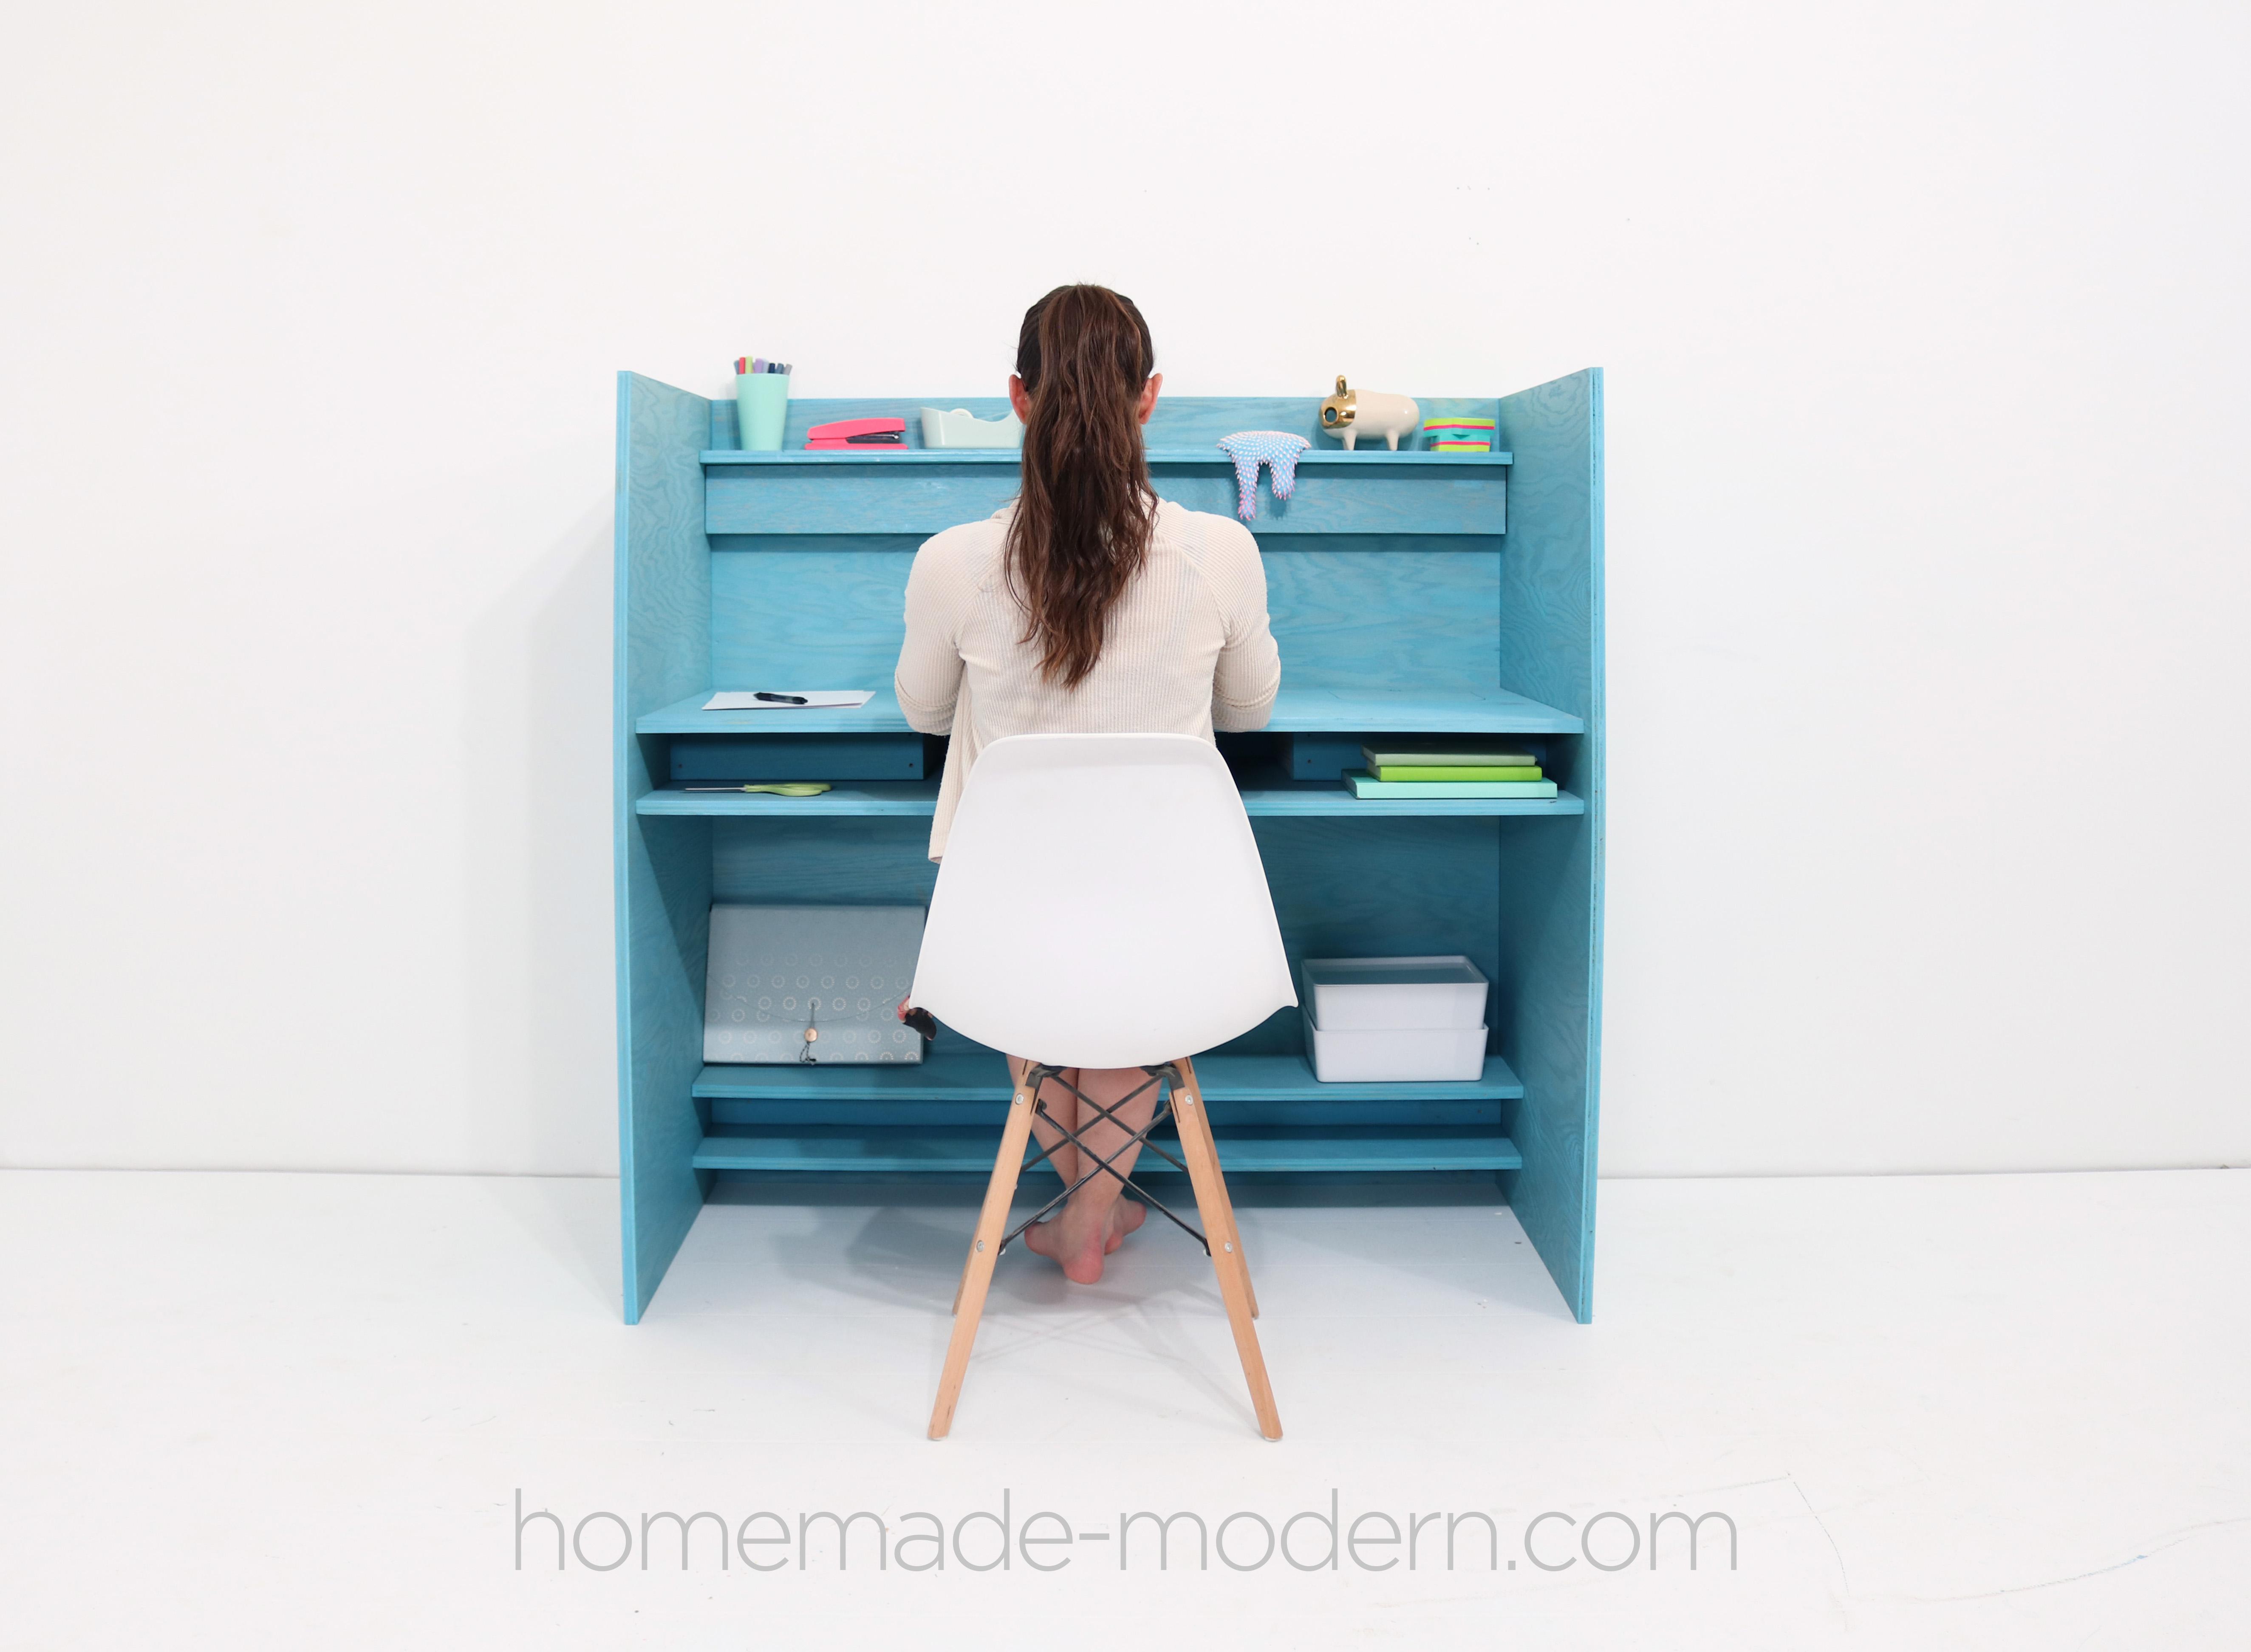 http://www.homemade-modern.com/wp-content/uploads/2020/03/BLUEQDP-001.jpg